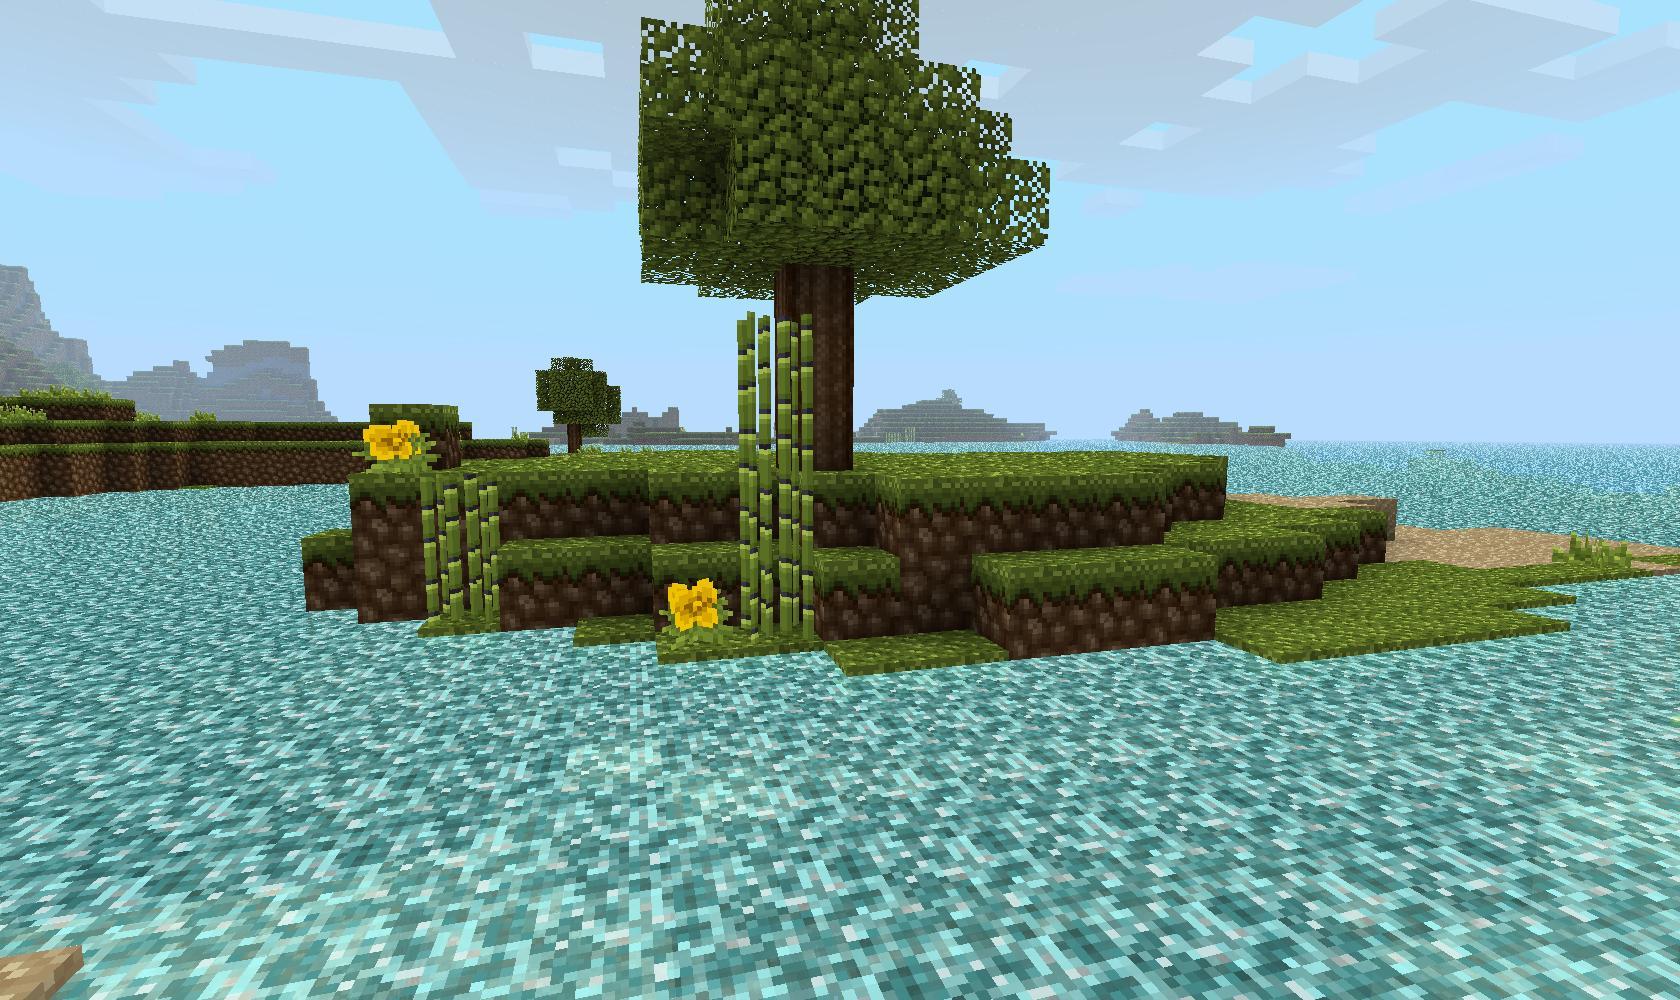 http://minecraft-forum.net/wp-content/uploads/2012/11/691fd__Solstice-texture-pack-2.jpg